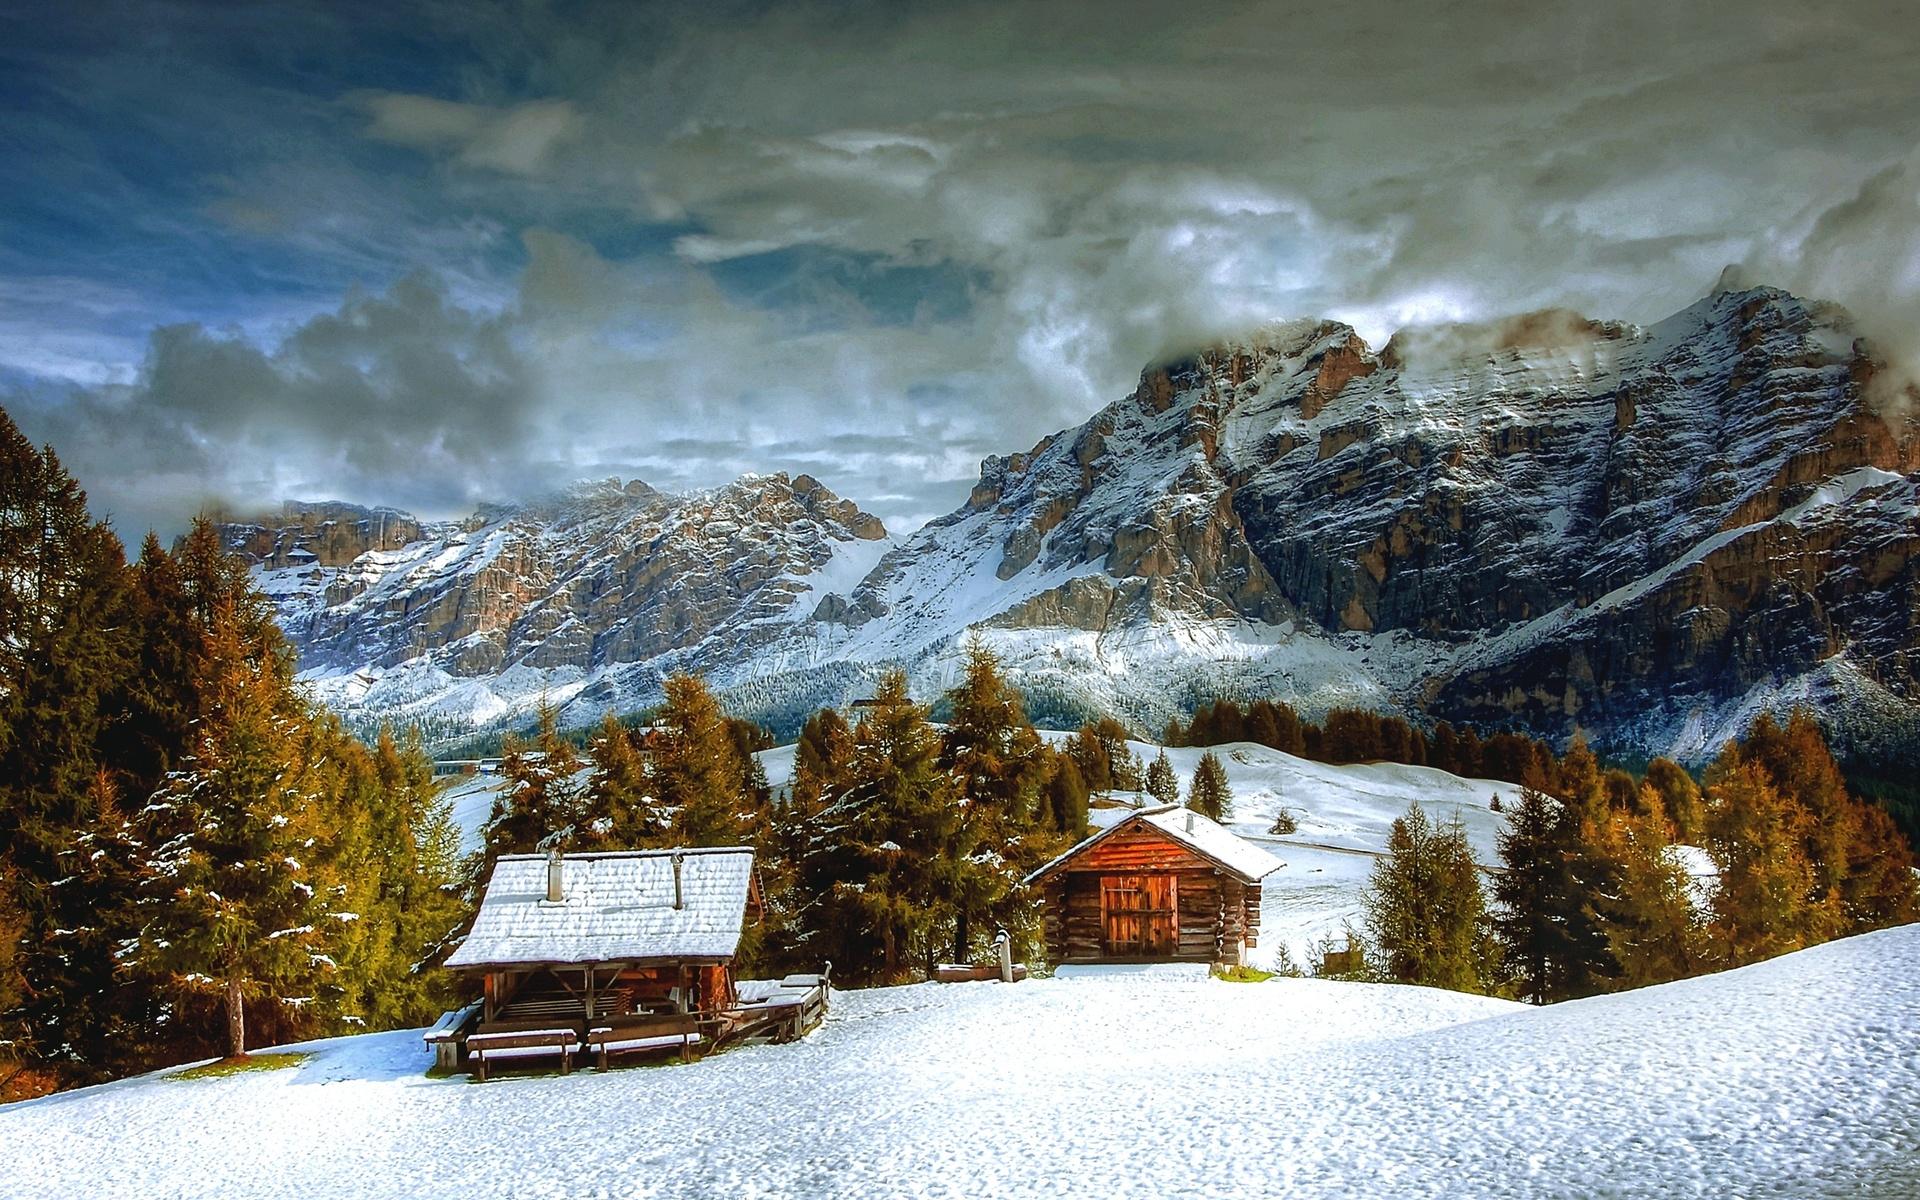 италия, природа, пейзаж, горы, доломиты, зима, снег, леса, дом, небо, облака